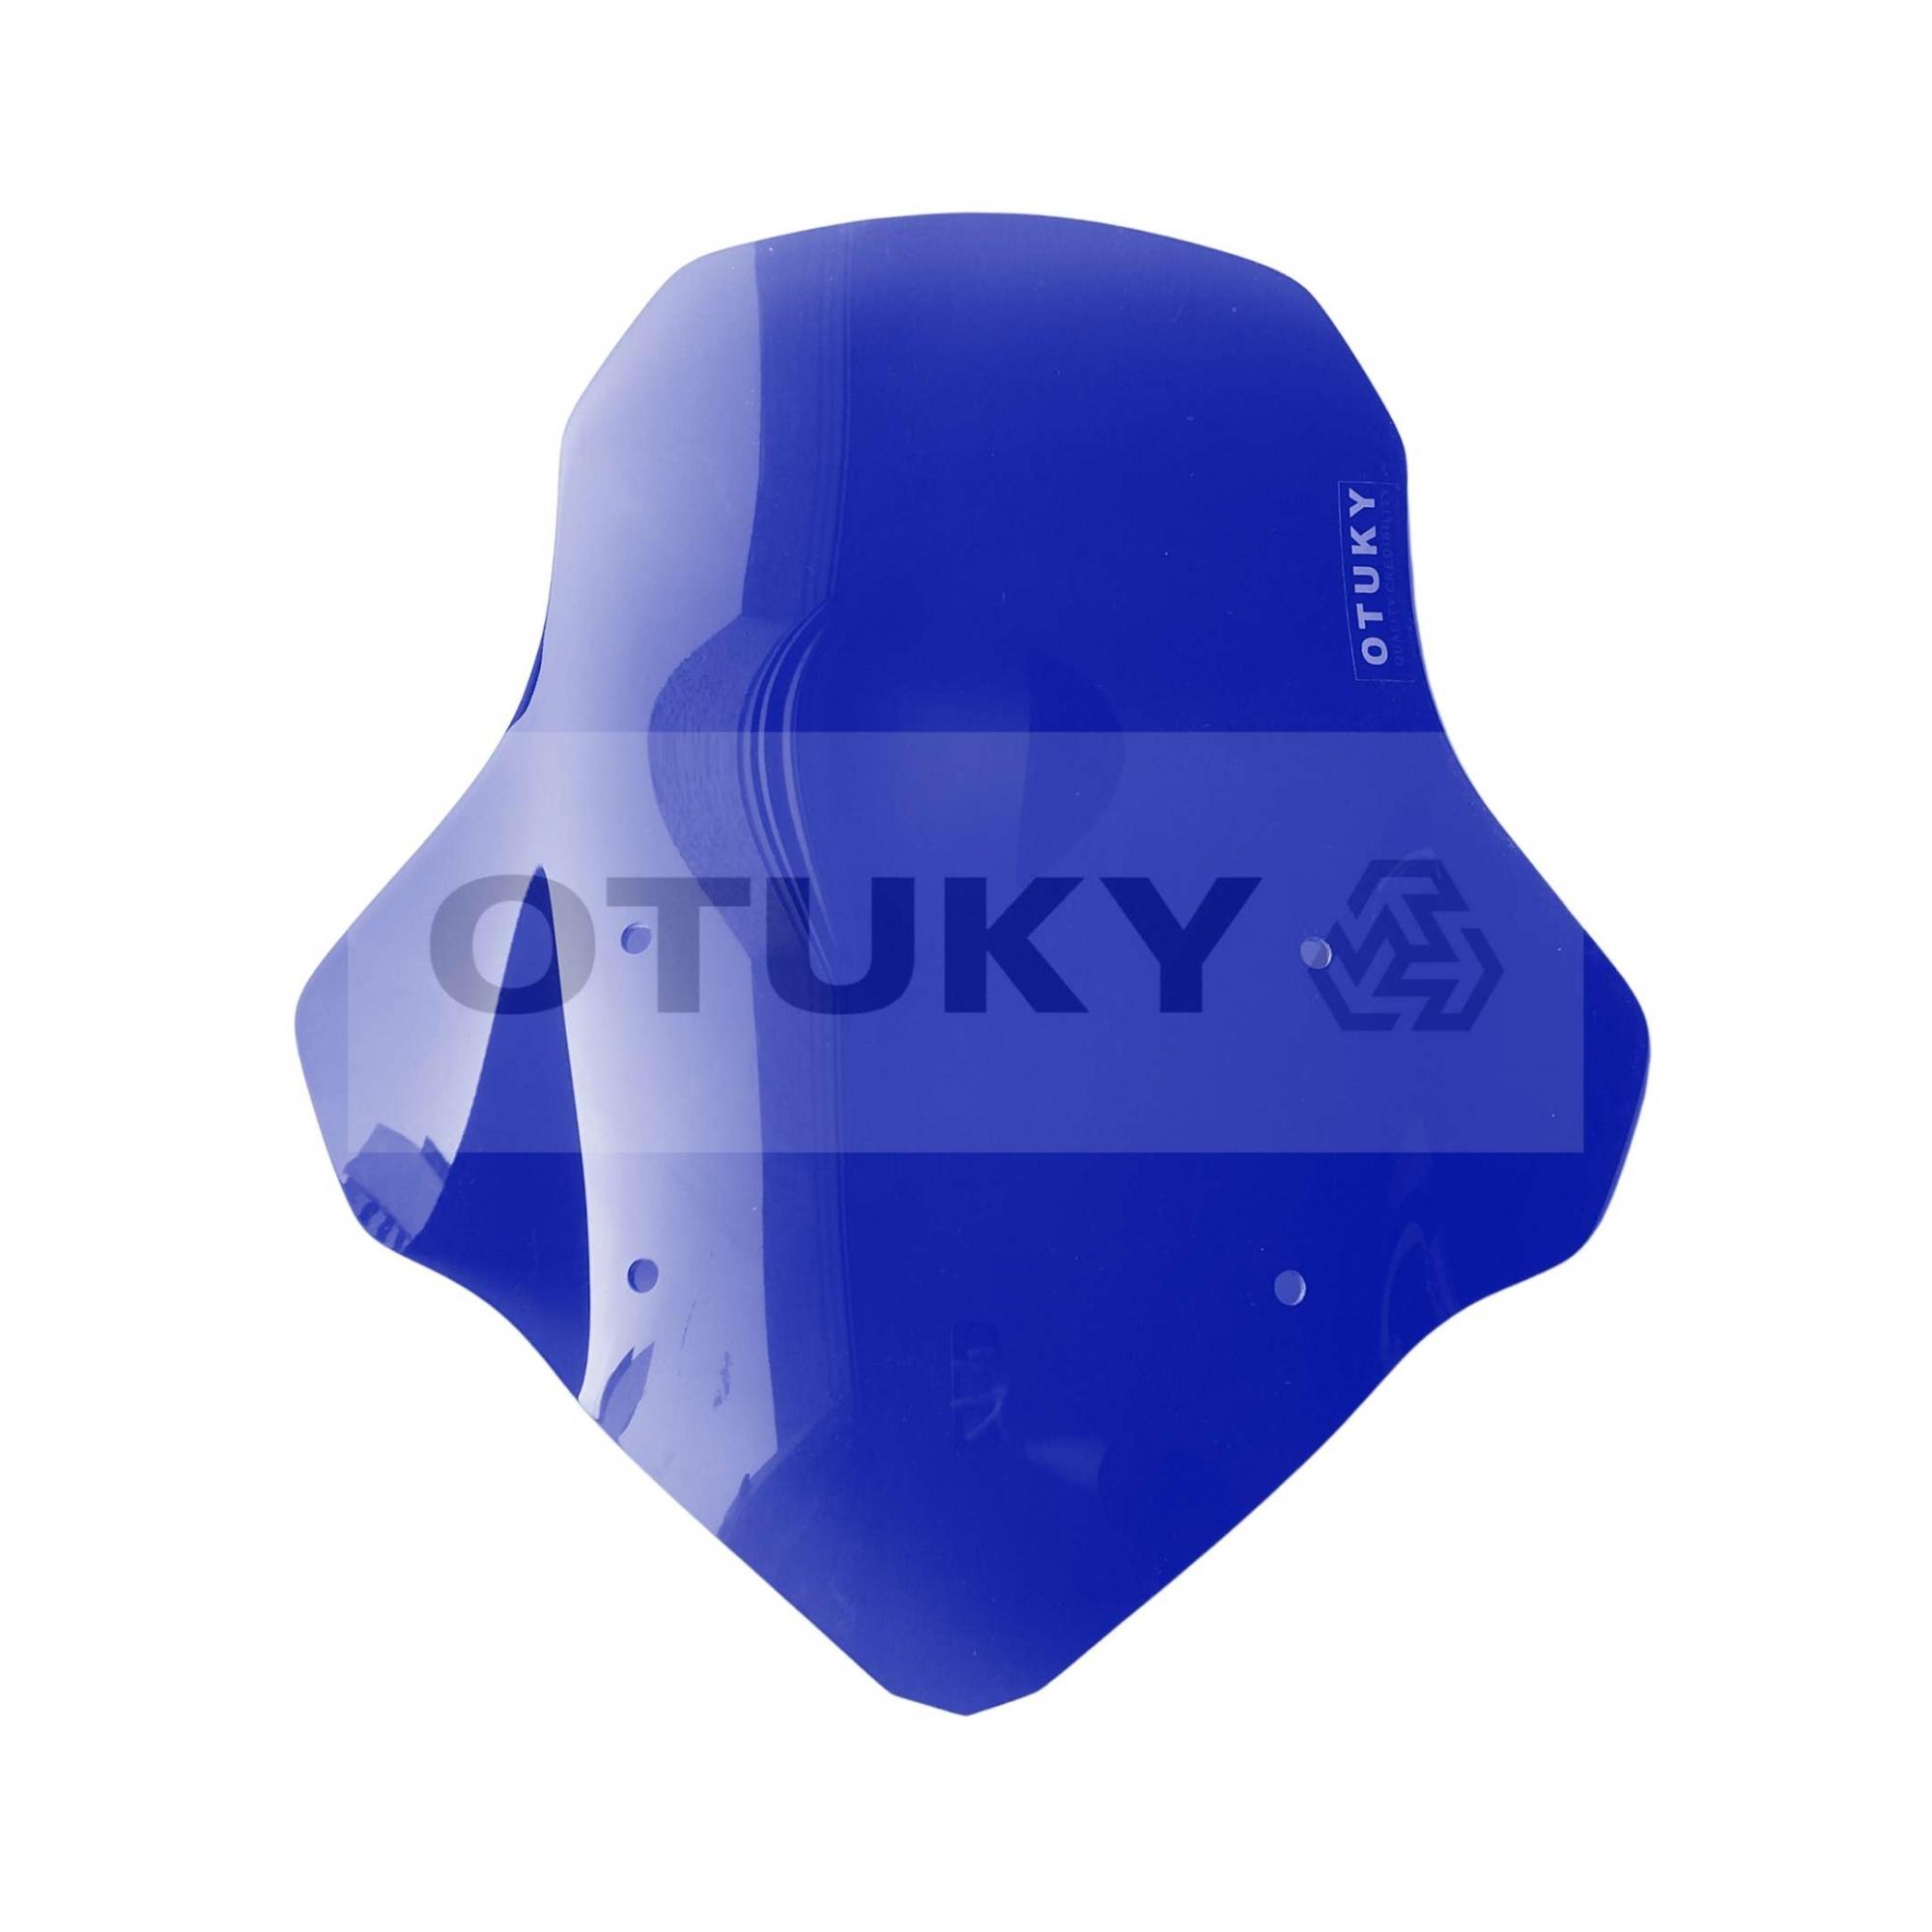 Bolha para Moto Ténéré 250 Xtz 2011 2012 2013 2014 2015 2016 2017 2018 Otuky Padrão Azul Escuro